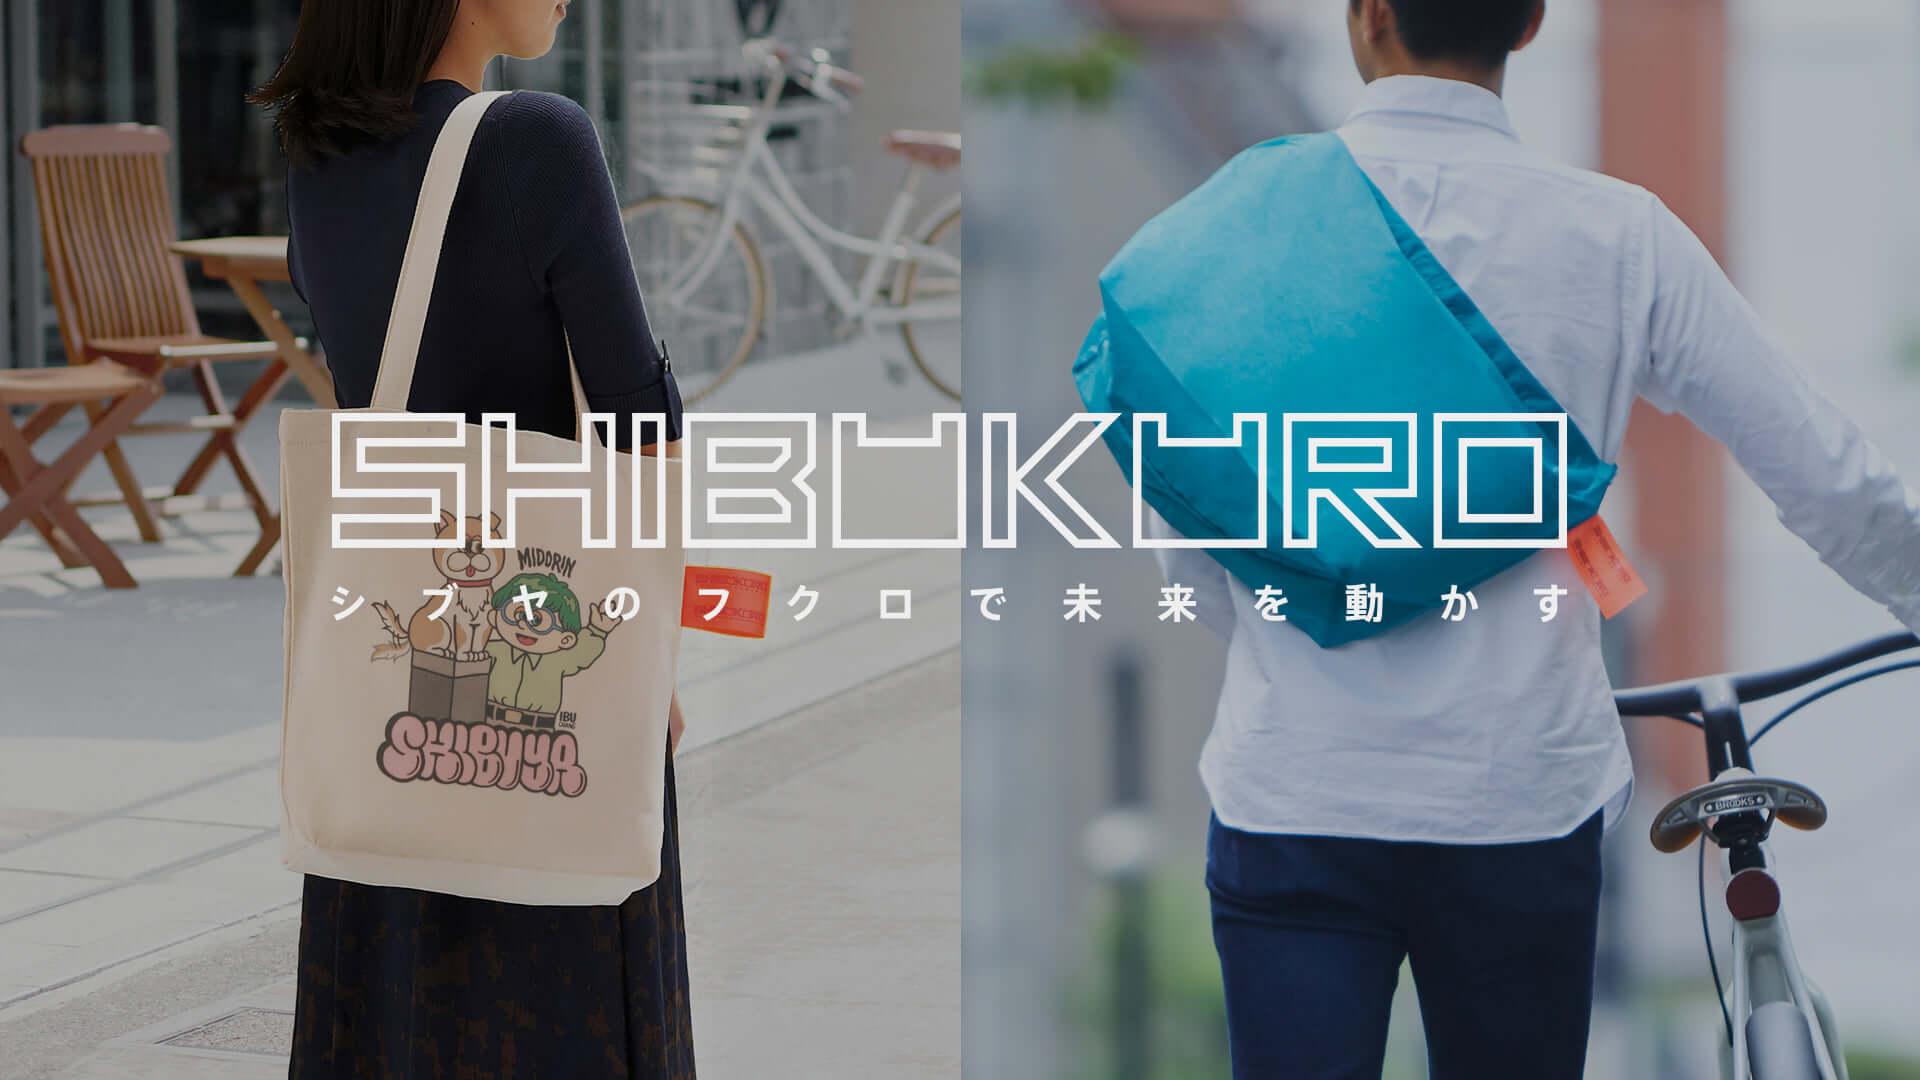 渋谷未来デザインとDNPのプロジェクト「SHIBUKURO」のオンラインストアが本日オープン!オリジナルショルダーバッグやトートバッグが登場 art200428_shibukuro_1-1920x1080